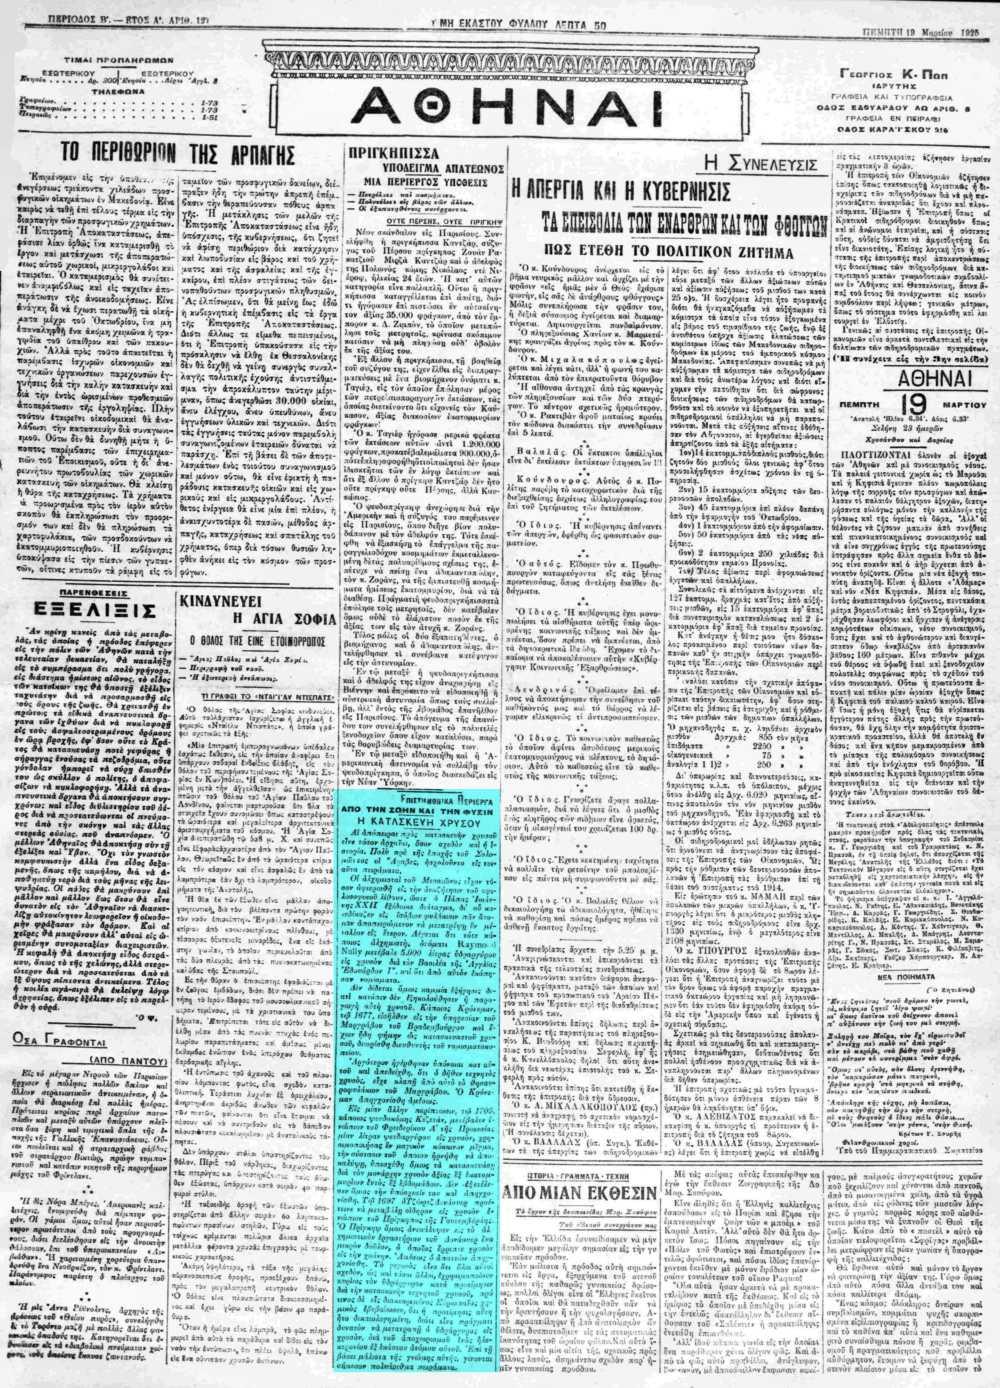 """Το άρθρο, όπως δημοσιεύθηκε στην εφημερίδα """"ΑΘΗΝΑΙ"""", στις 19/03/1925"""